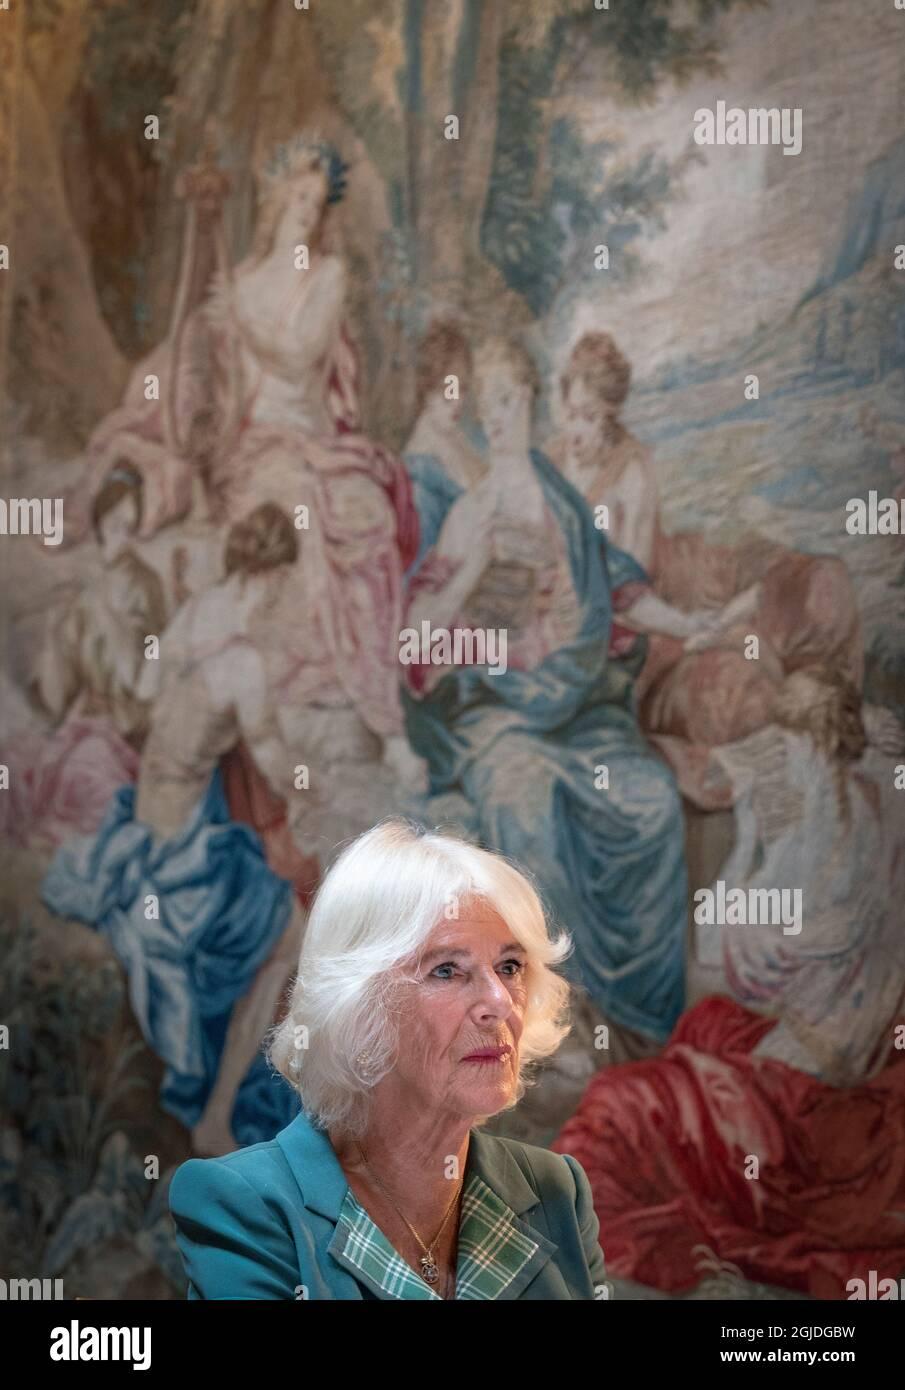 Die Herzogin von Cornwall, die als Herzogin von Rothesay in Schottland bekannt ist, nimmt an einer Mentoring-Sitzung für Frauen im Journalismus und einer Podiumsdiskussion im Dumfries House in Cumnock, Ayrshire, Teil. Bilddatum: Donnerstag, 9. September 2021. Stockfoto